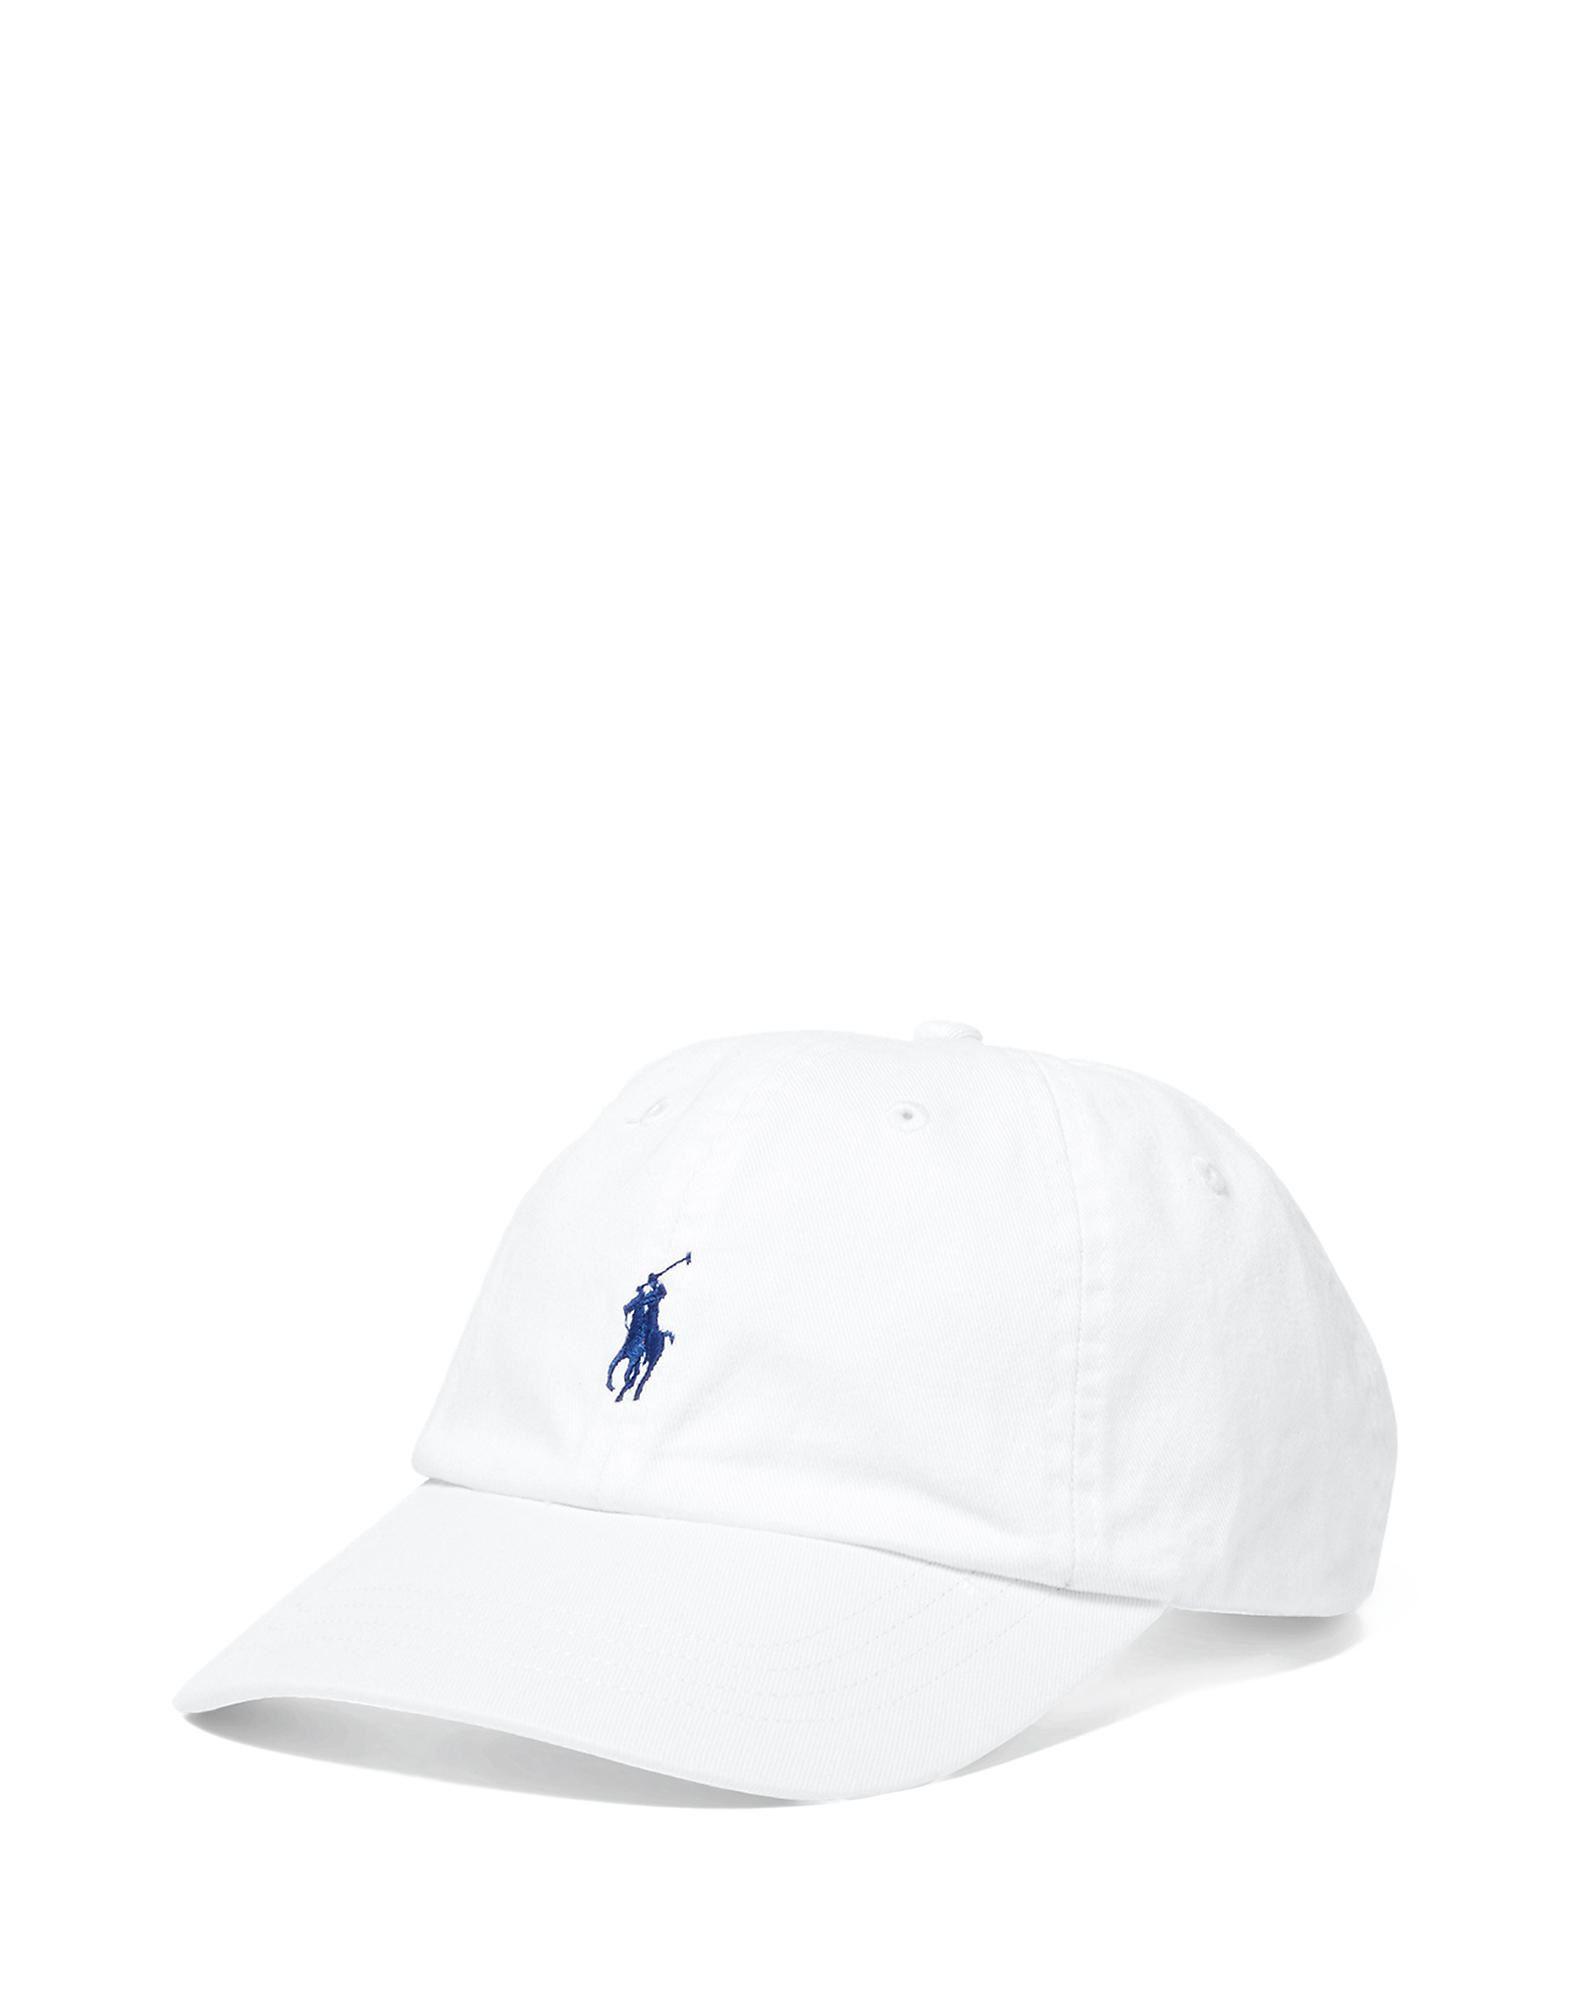 prix spécial pour bon service remise spéciale POLO RALPH LAUREN Chapeau - Accessoires | YOOX.COM